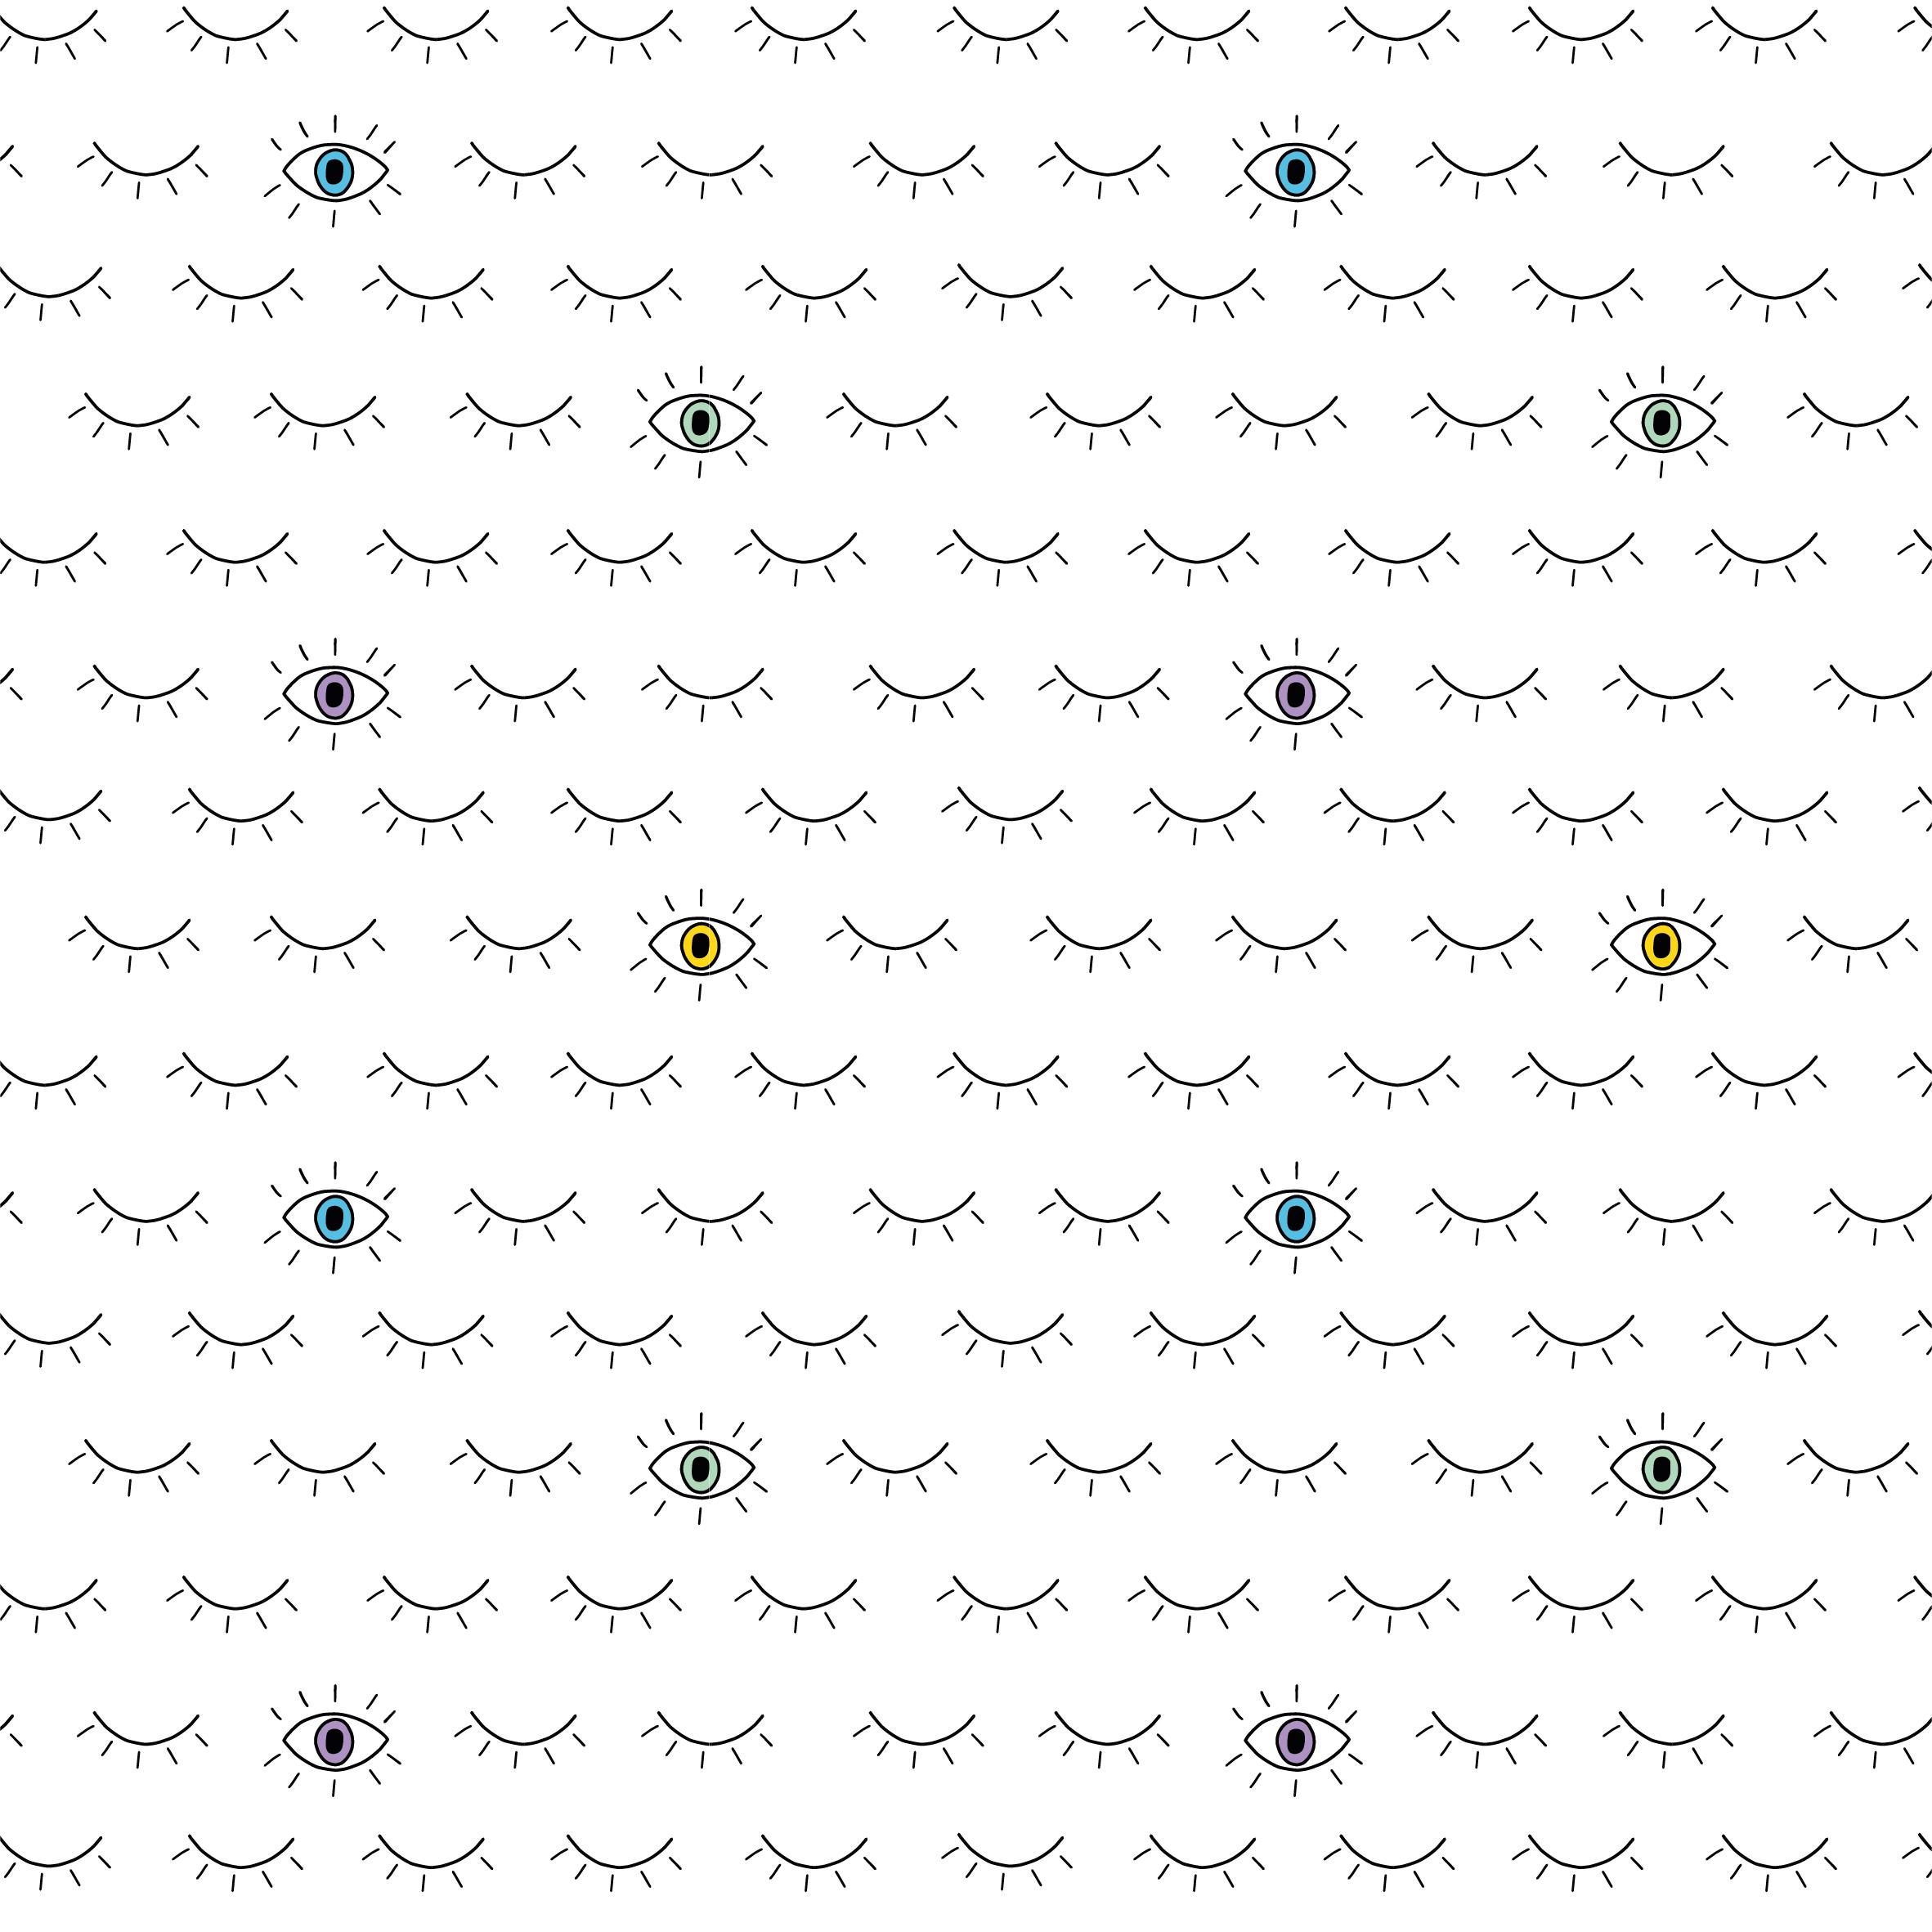 Motif abstrait, A6, Votre motif - POP'Home, Pop Home, produits éco-responsables, produits éco-responsables français, produits éco-responsables made in France, produits personnalisés, produits personnalisés français, produits personnalisés made in France, produits personnalisables, produits personnalisables français, produits personnalisables made in France, produits made in France, produits français, textiles éco-responsables, textiles éco-responsables français, textiles éco-responsables made in France, textiles français, textiles made in France, textiles personnalisés, textiles personnalisés français, textiles personnalisés made in France, textiles personnalisables, textiles personnalisables français, textiles personnalisables made in France, motif enfantin, motif géométrique, motif abstrait, motif fleuri, motif figuratif, textiles à motifs, textile à motifs, produits à motifs, produit à motifs, produits à personnaliser, produits salle de bain, produits maison, produits salle de bain personnalisables, produits maison personnalisables, papeterie, papeterie personnalisable, papeterie personnalisé, cadeau personnalisé, idée cadeau, idée cadeau personnalisé, cadeau made in France, made in France, produit unique, produit écologique, décoration d'intérieur, motifs, objet unique, objet personnalisé, objet personnalisable, objet made in France, produit made in France, produits écologiques, objets écologiques, créatrice française, designer, Eloïse Abadia-Pacitti